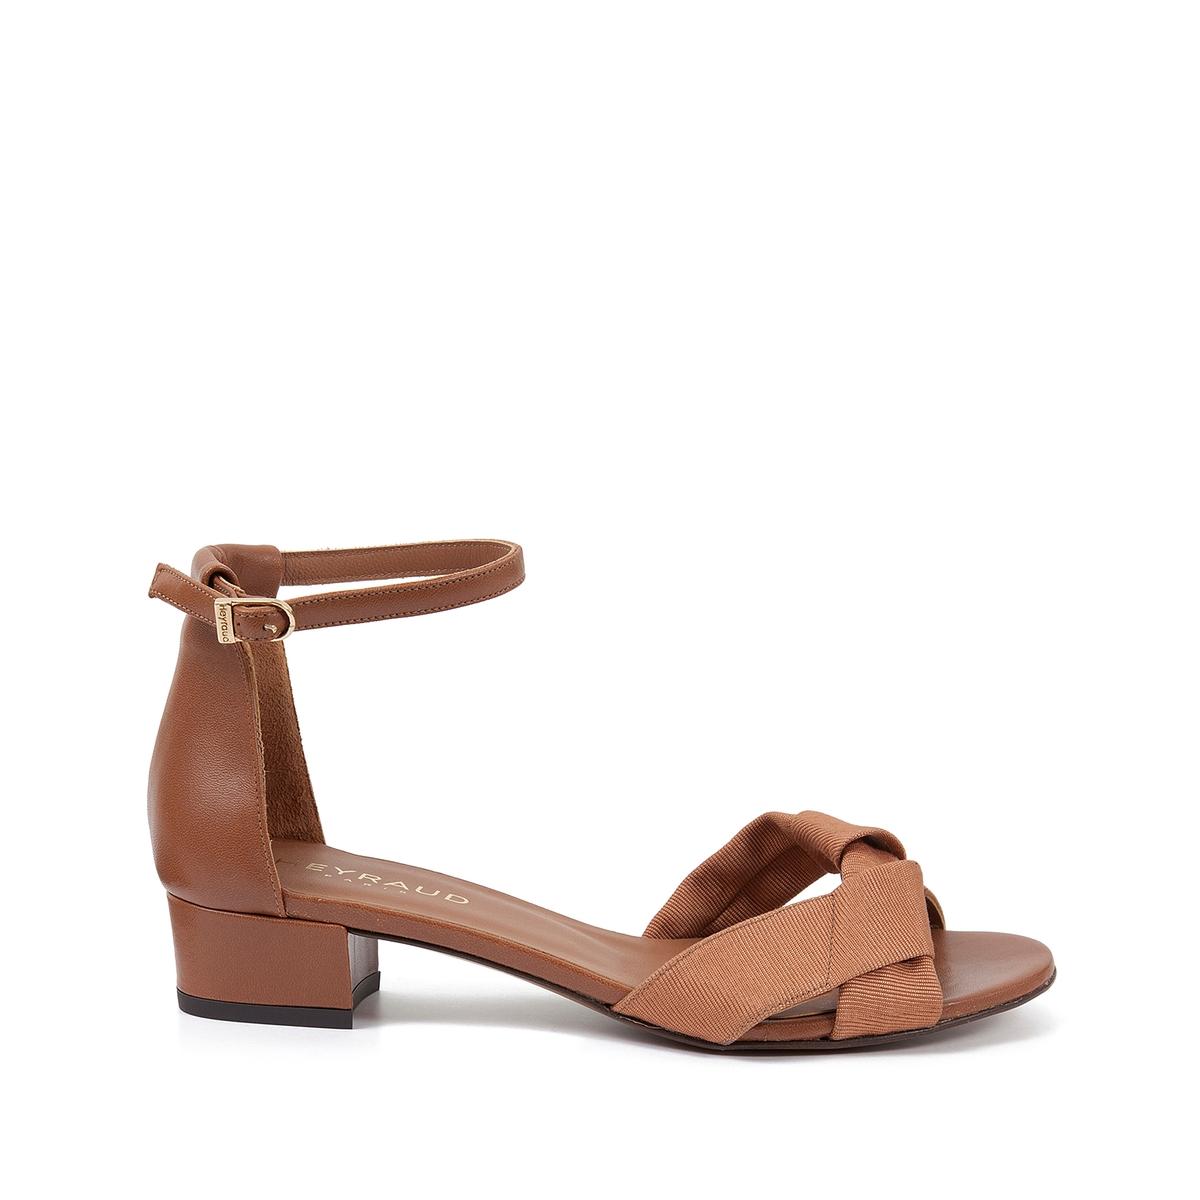 Босоножки кожаные EleanaВерх : кожа   Подкладка : кожа   Стелька : кожа   Подошва : кожа   Высота каблука : 2 см   Форма каблука : плоский каблук   Мысок : закругленный мысок   Застежка : ремешок<br><br>Цвет: коньячный<br>Размер: 40